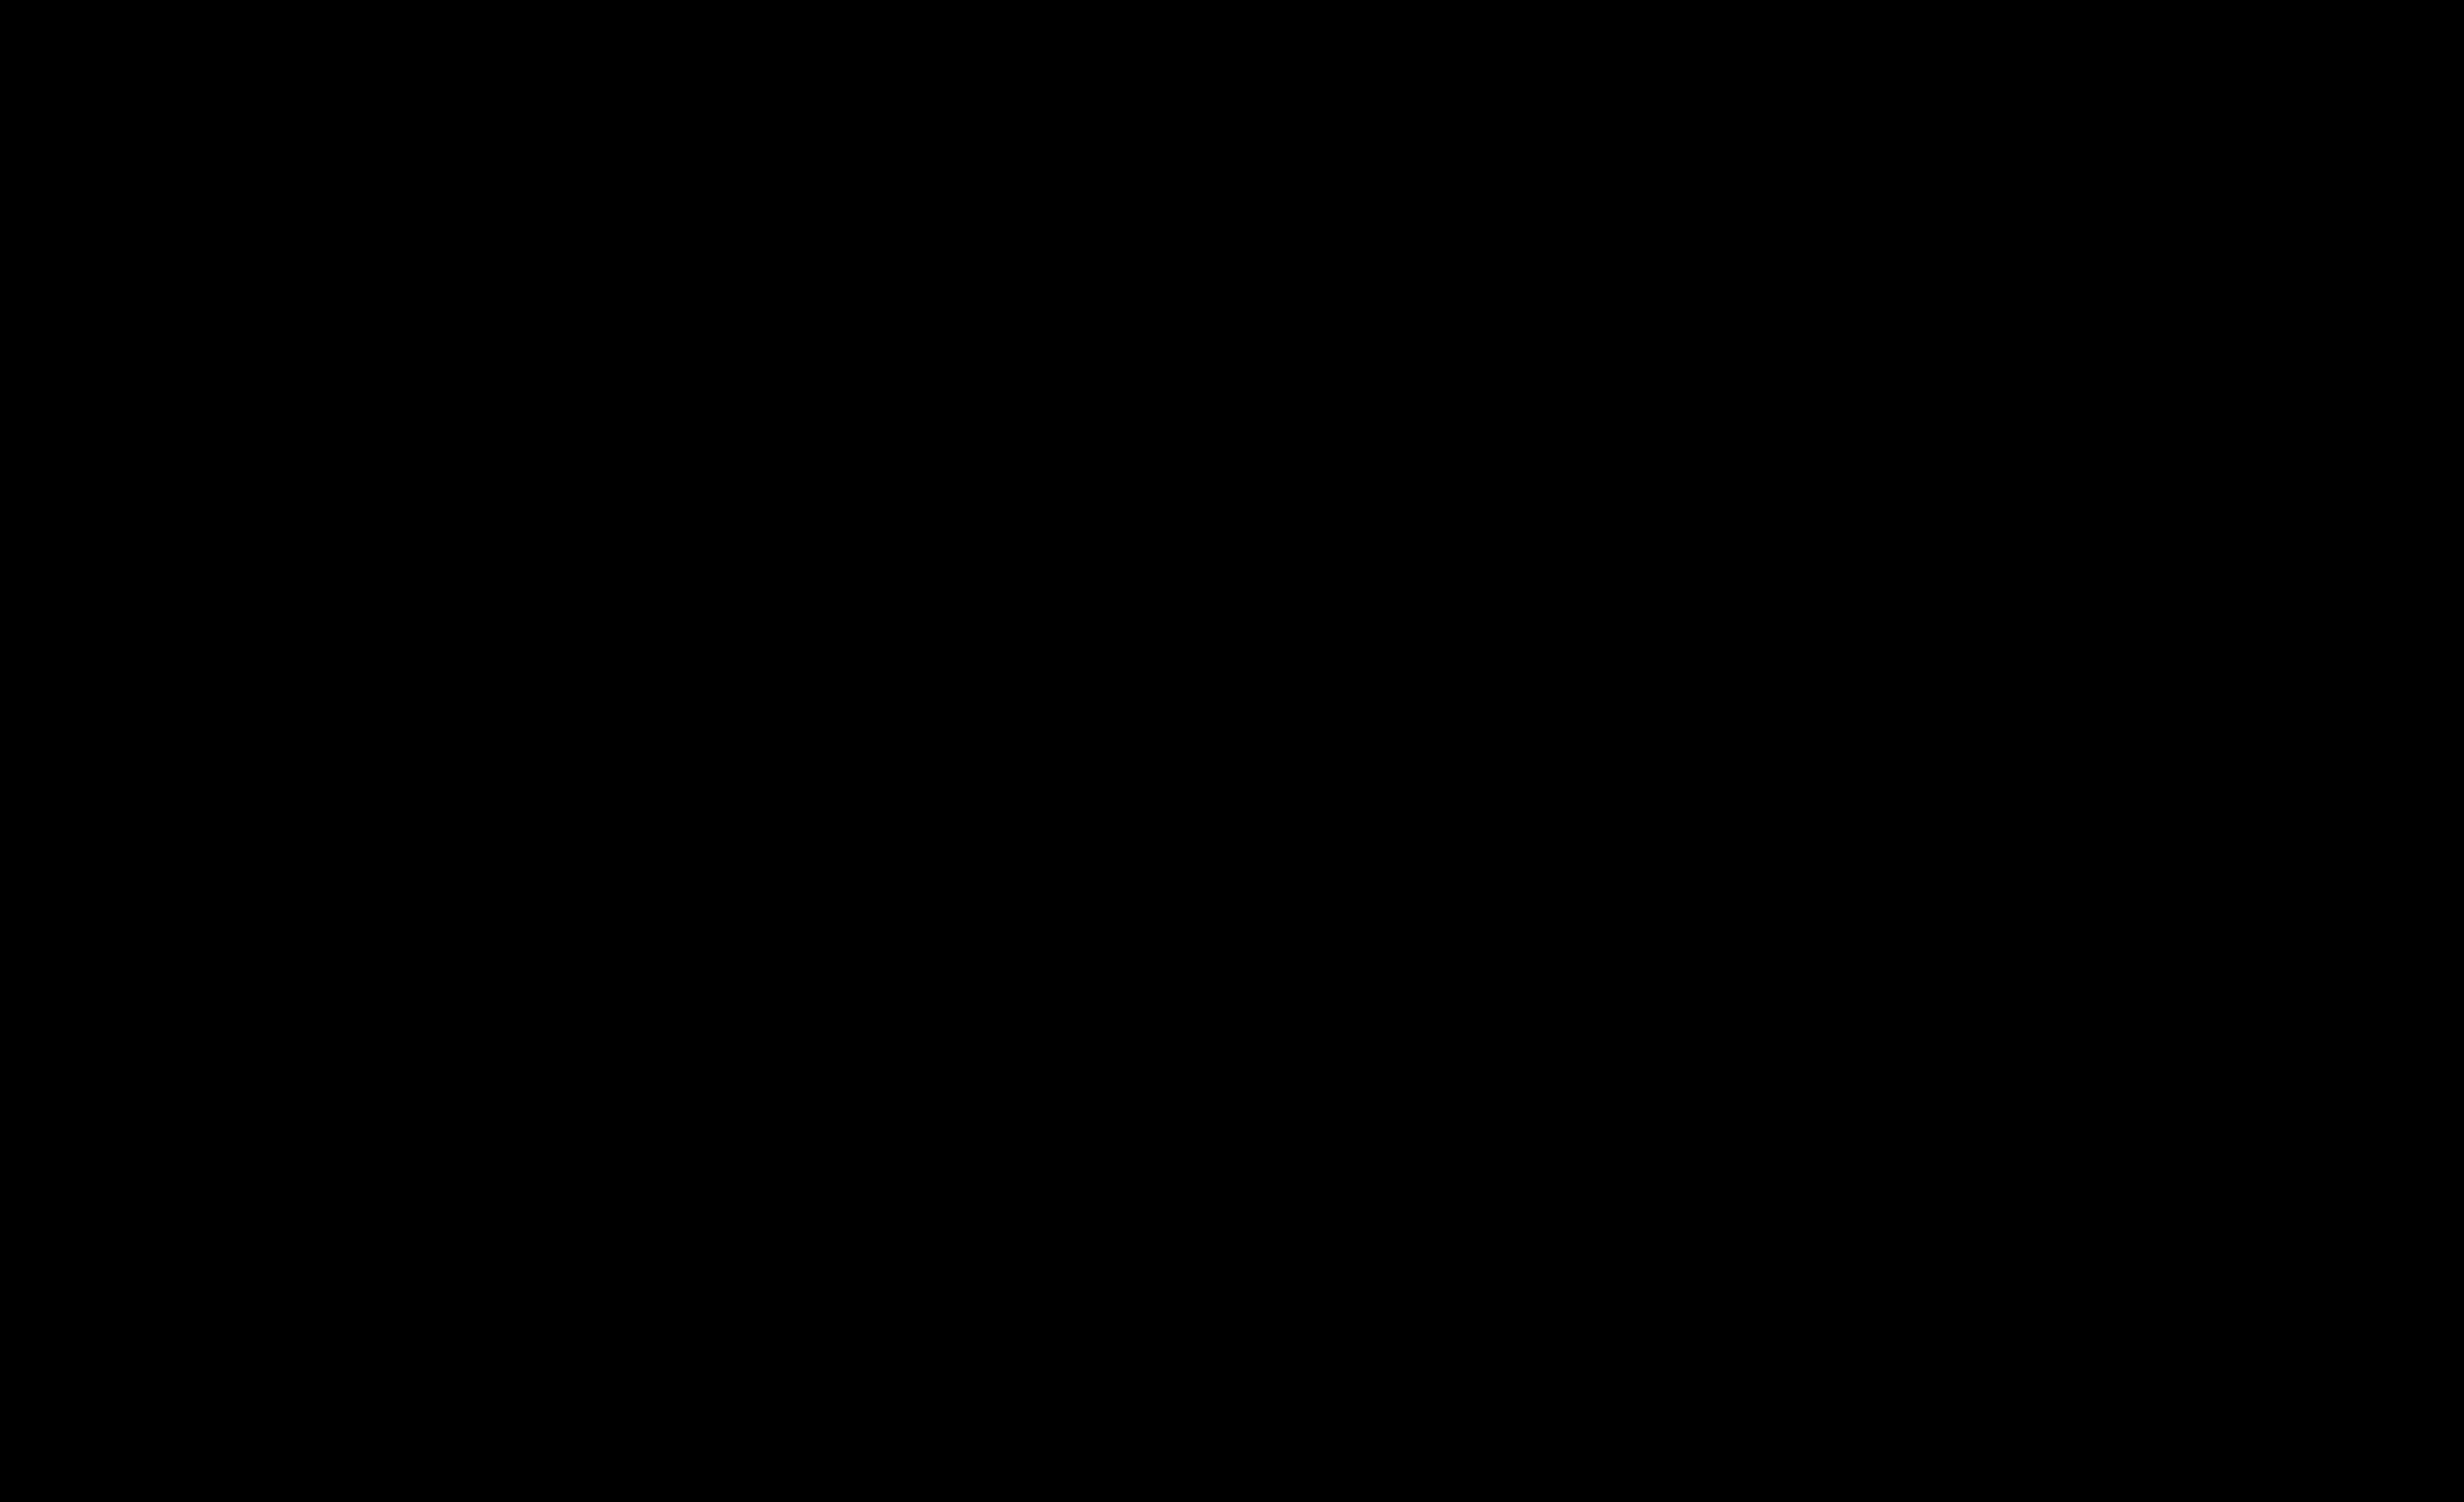 Sinaxă a stareţilor, stareţelor, egumenilor şi egumenelor mănăstirilor şi schiturilor din cuprinsul Mitropoliei Munteniei şi Dobrogei